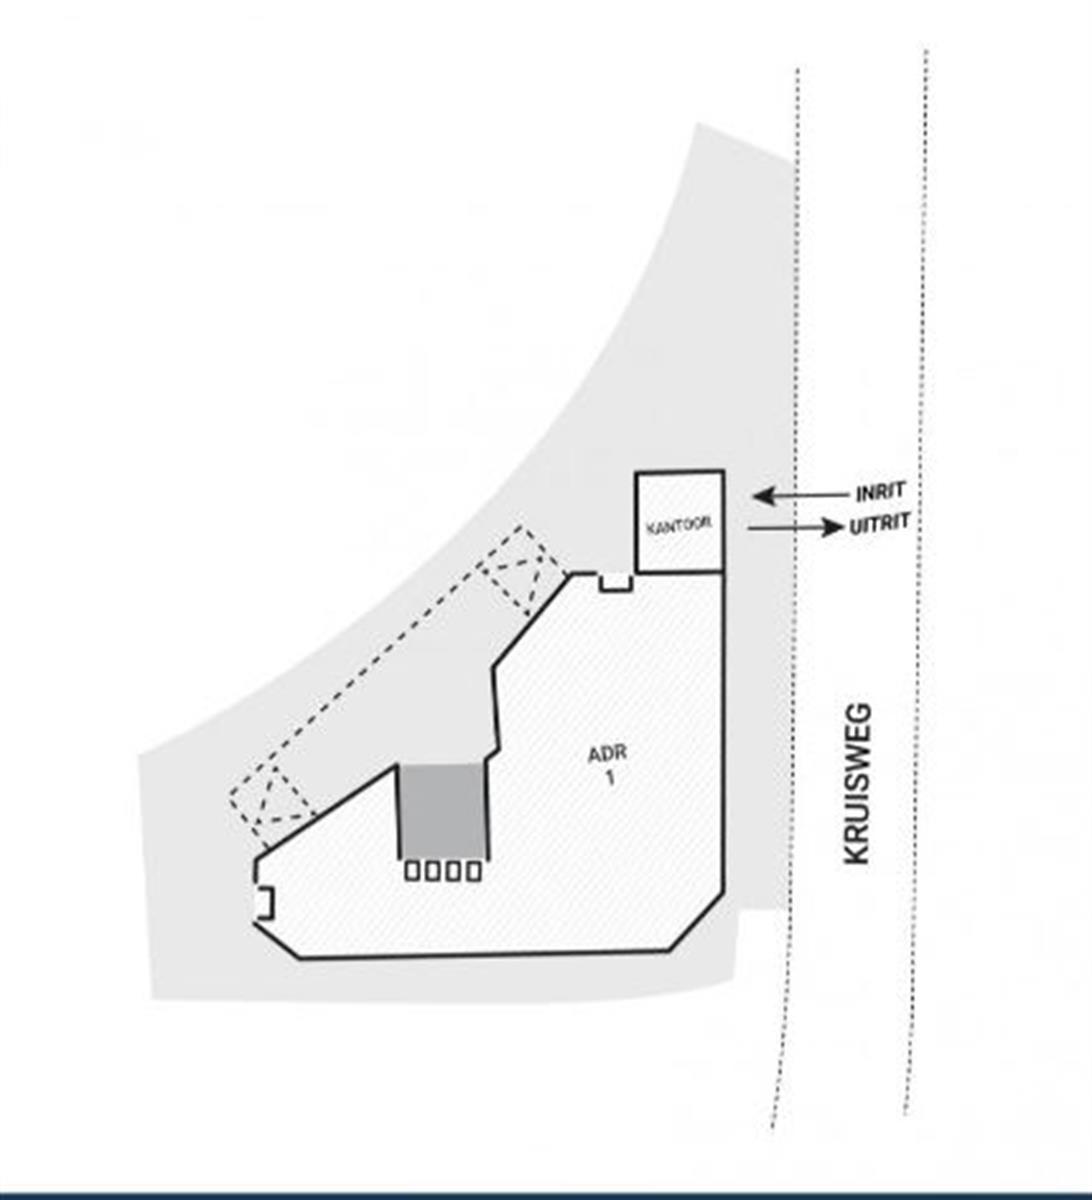 gebouw voor gemengd gebruik te huur I174 - Kruisweg 11, 2040 Antwerpen, België 3